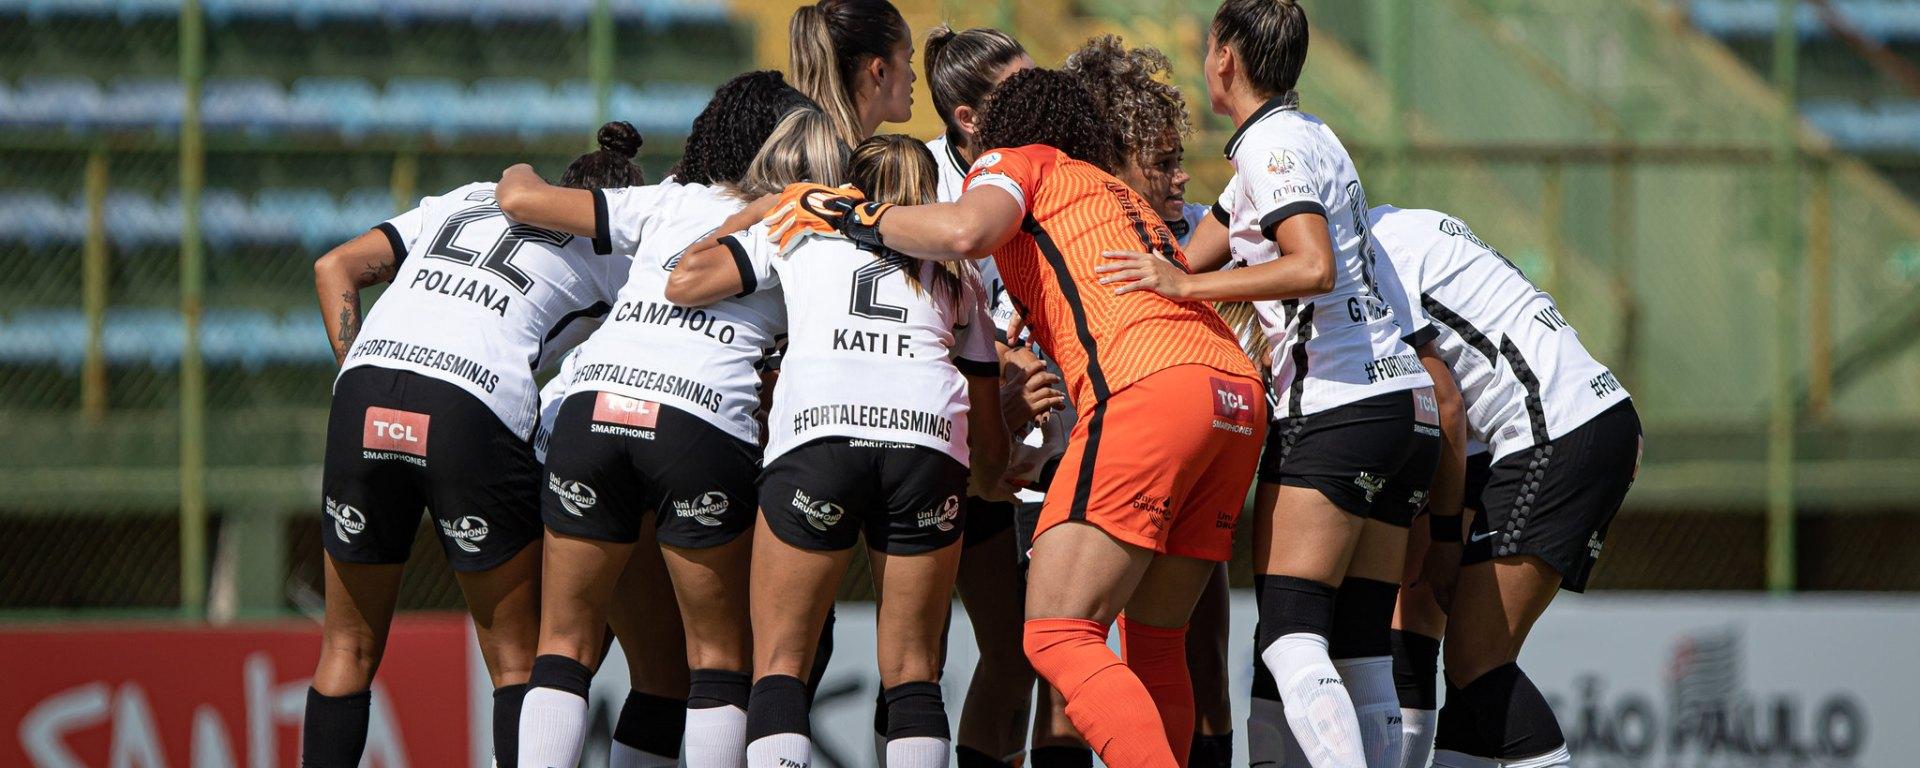 Corinthians chega a mais uma final em 2020. Foto: Reprodução/Agência Corinthians